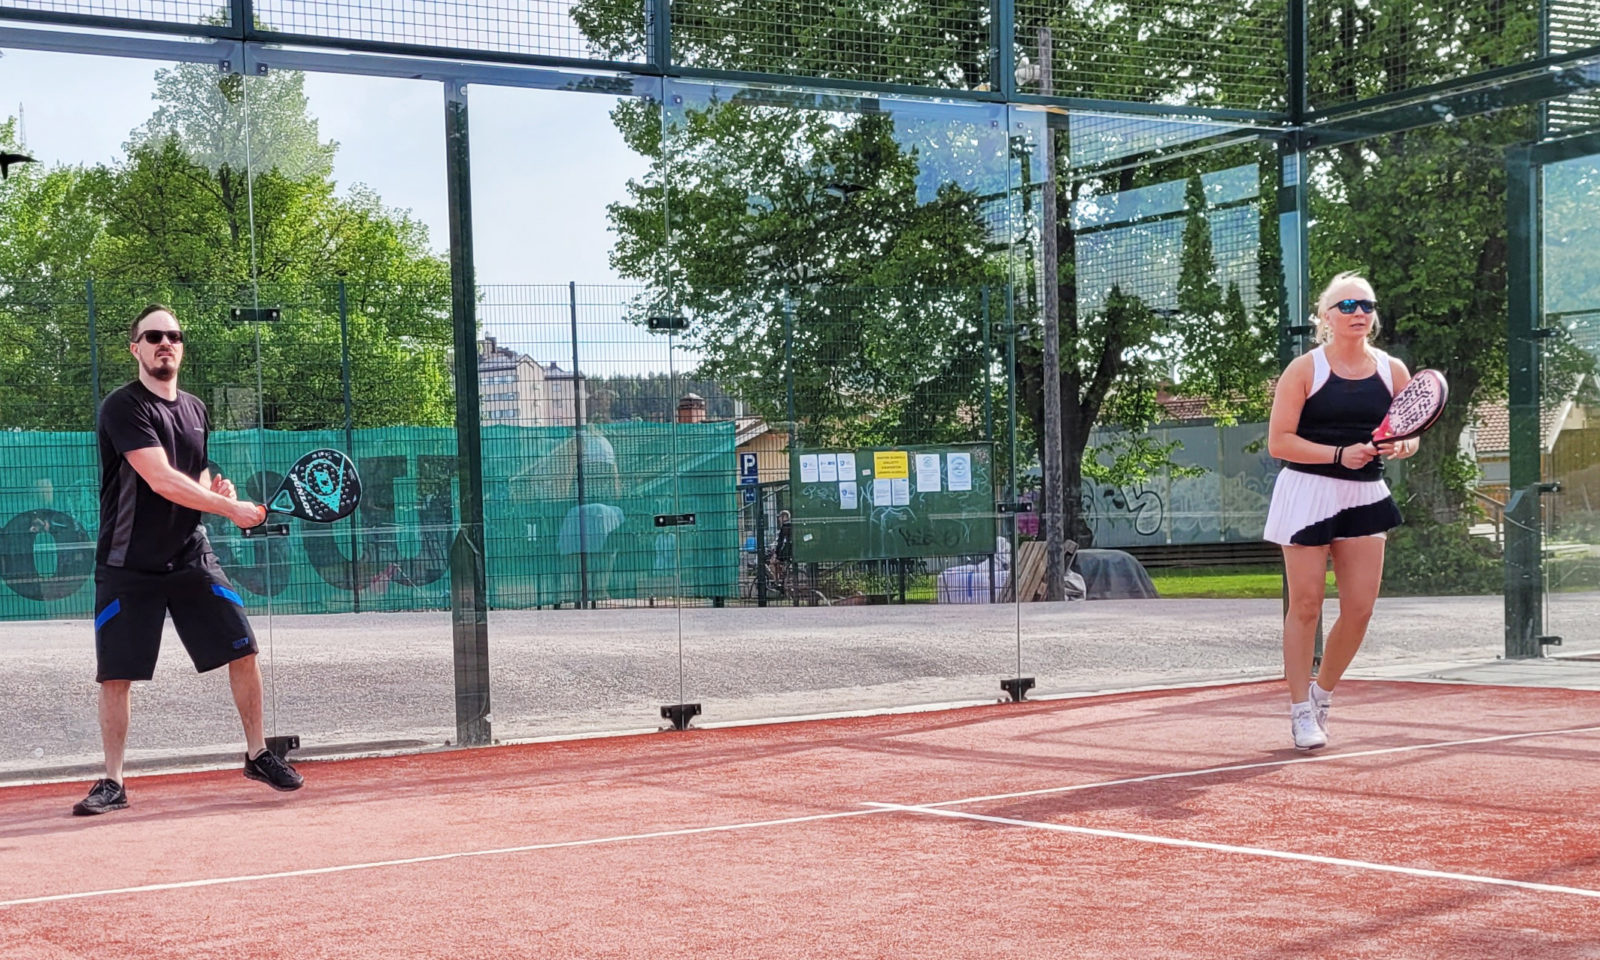 Digitiimin henkilöstö virkistäytyy pelaamalla tennistä